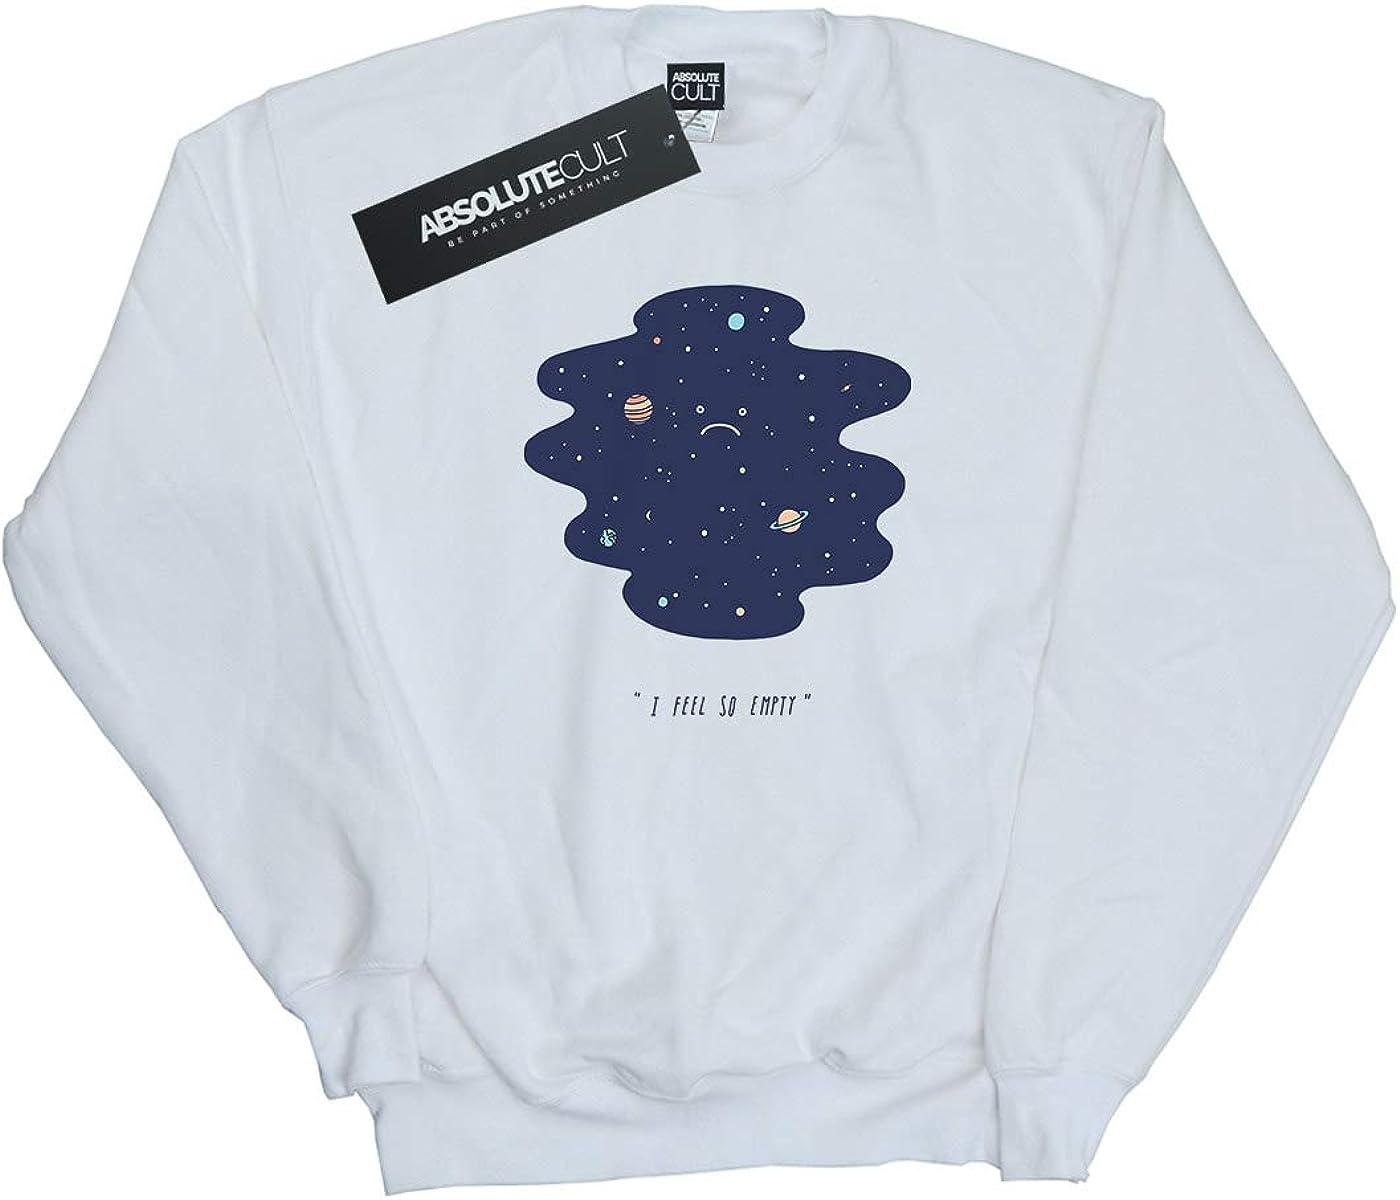 Absolute Cult Jaco Haasbroek Girls Negative Space Sweatshirt